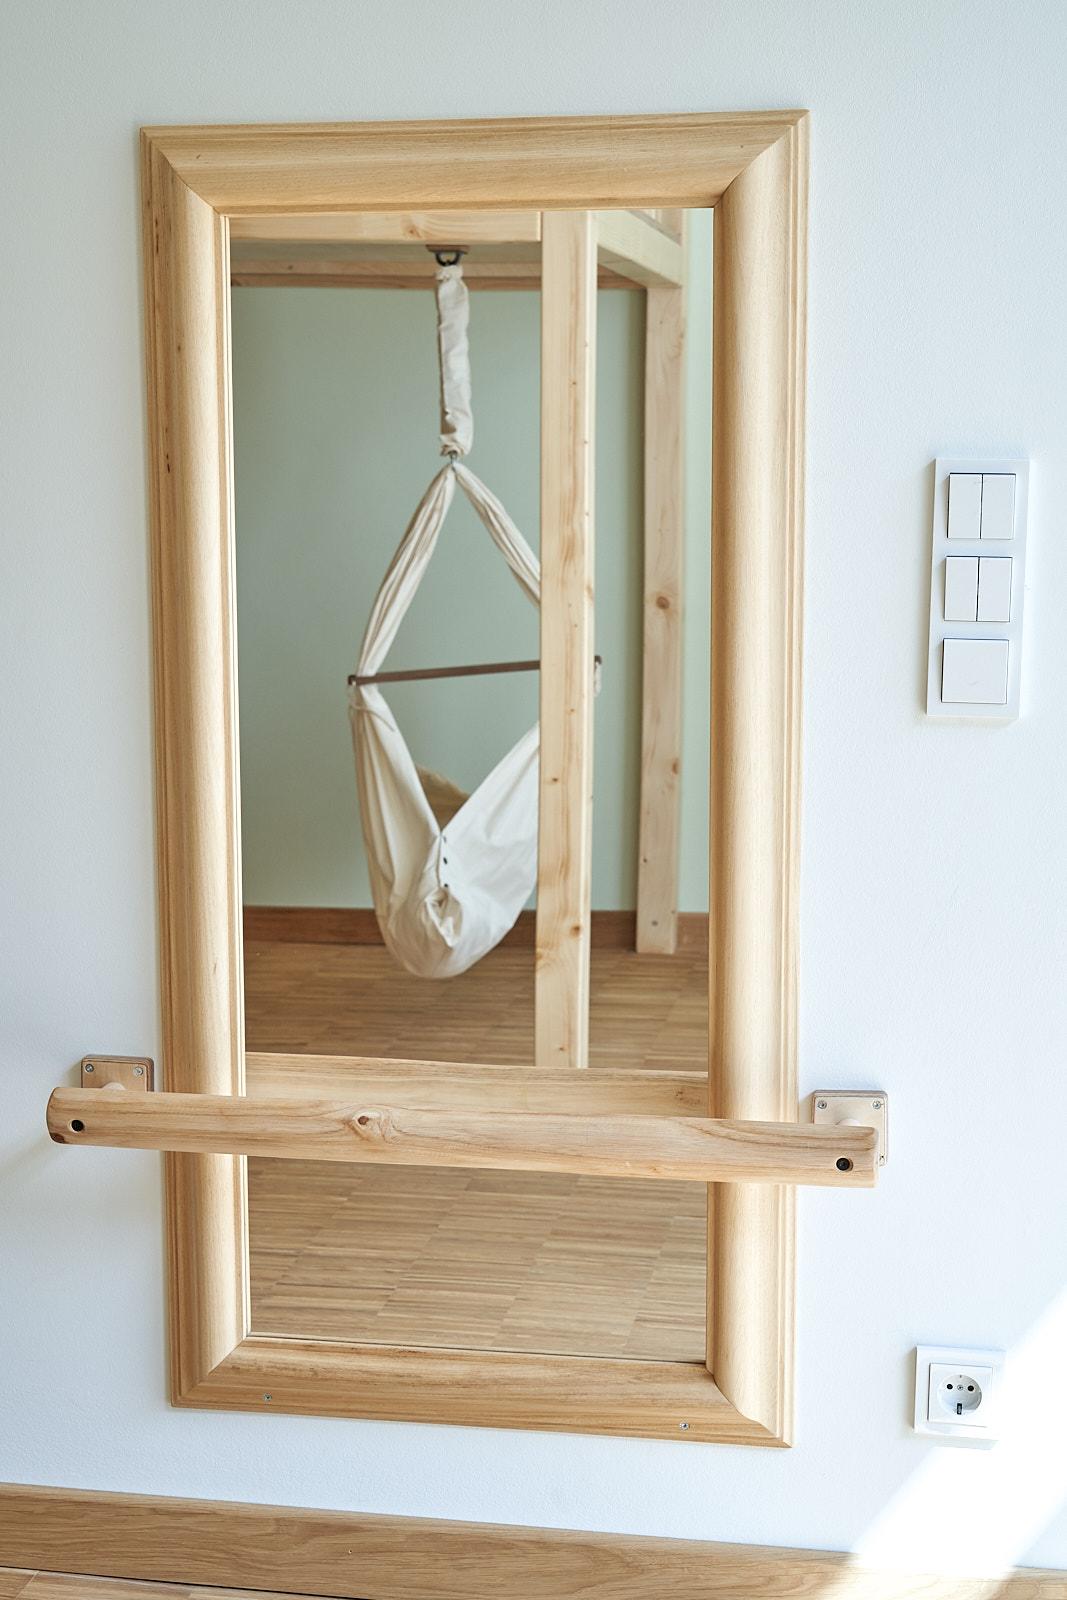 Spiegel mit Handlauf 01.jpg